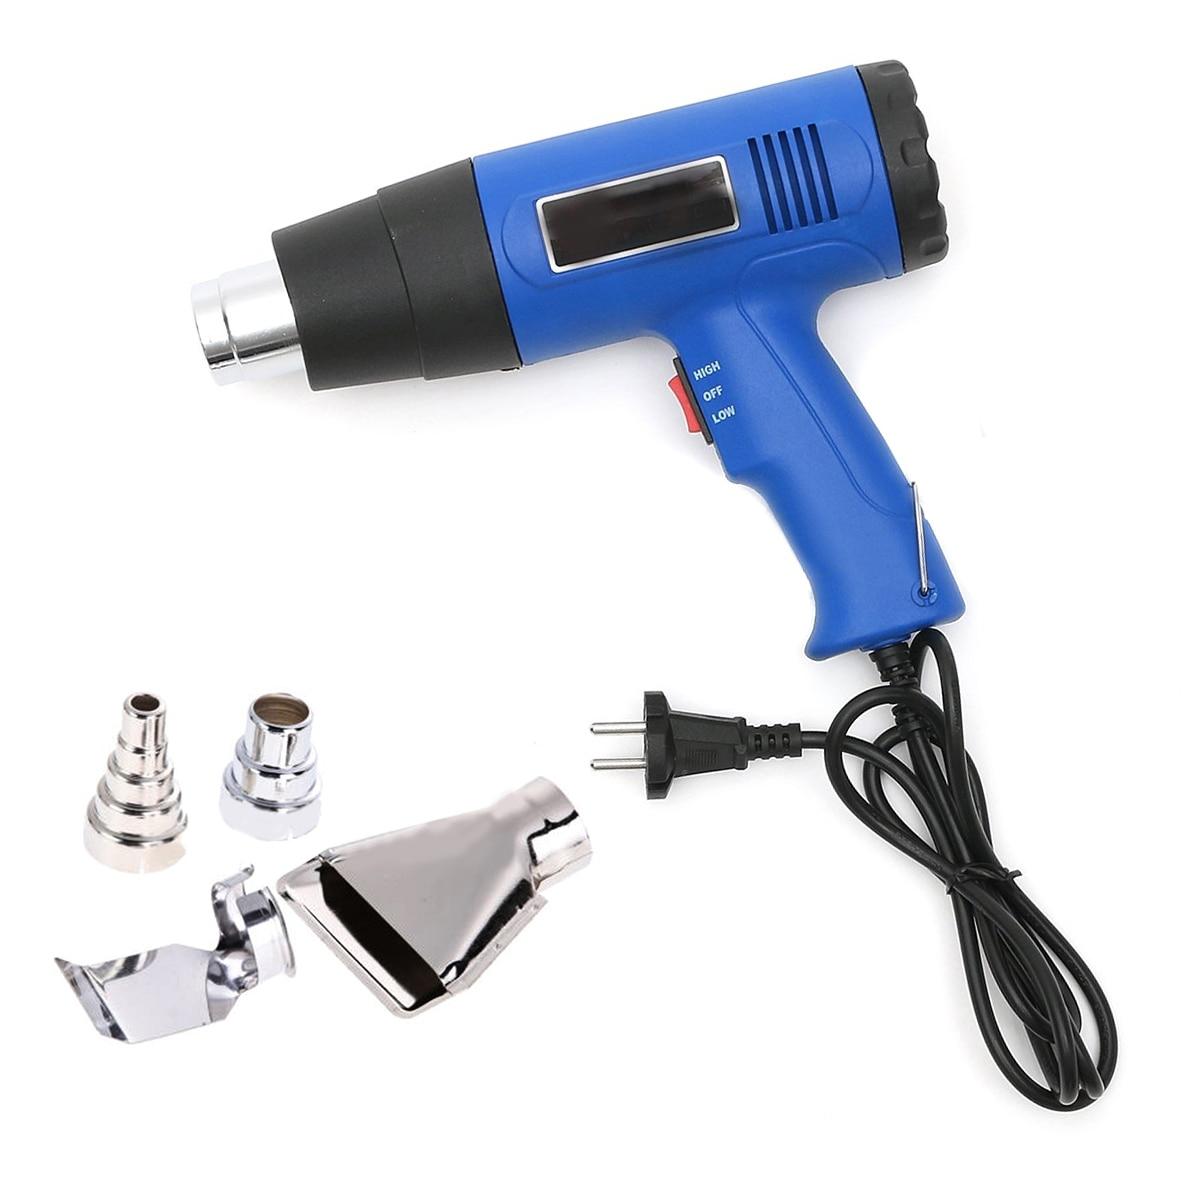 OSSIEAO New Hot Air Blower Dual Temperature+ 4 Nozzles Power Tool Set EU Plug 220V 1500W